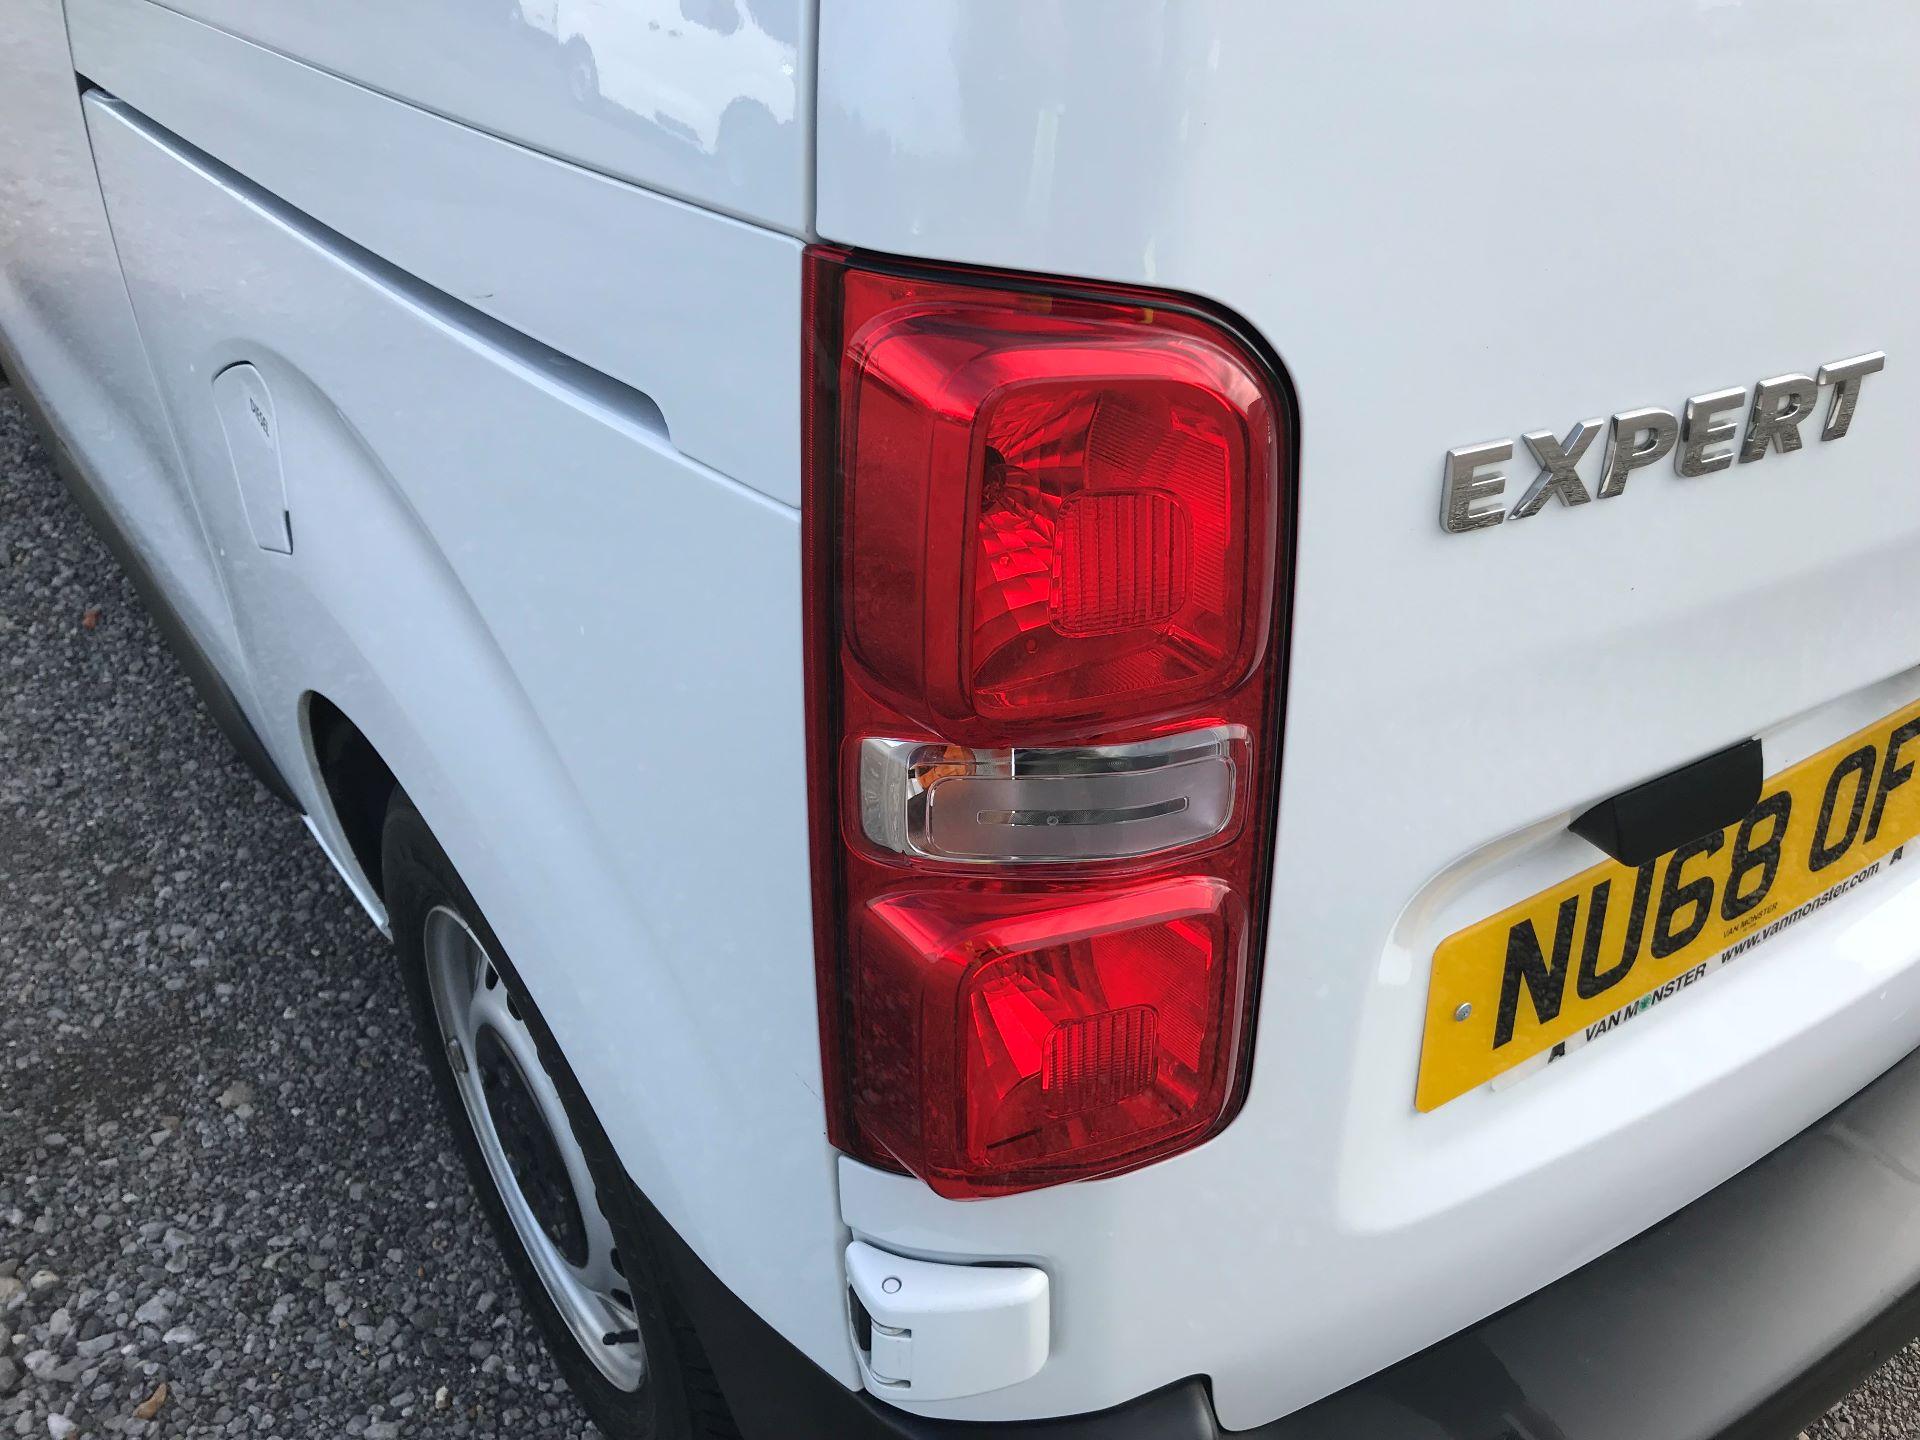 2018 Peugeot Expert  STANDARD 1000 1.6 BLUEHDI 95 S EURO 6 (NU68OFJ) Image 16